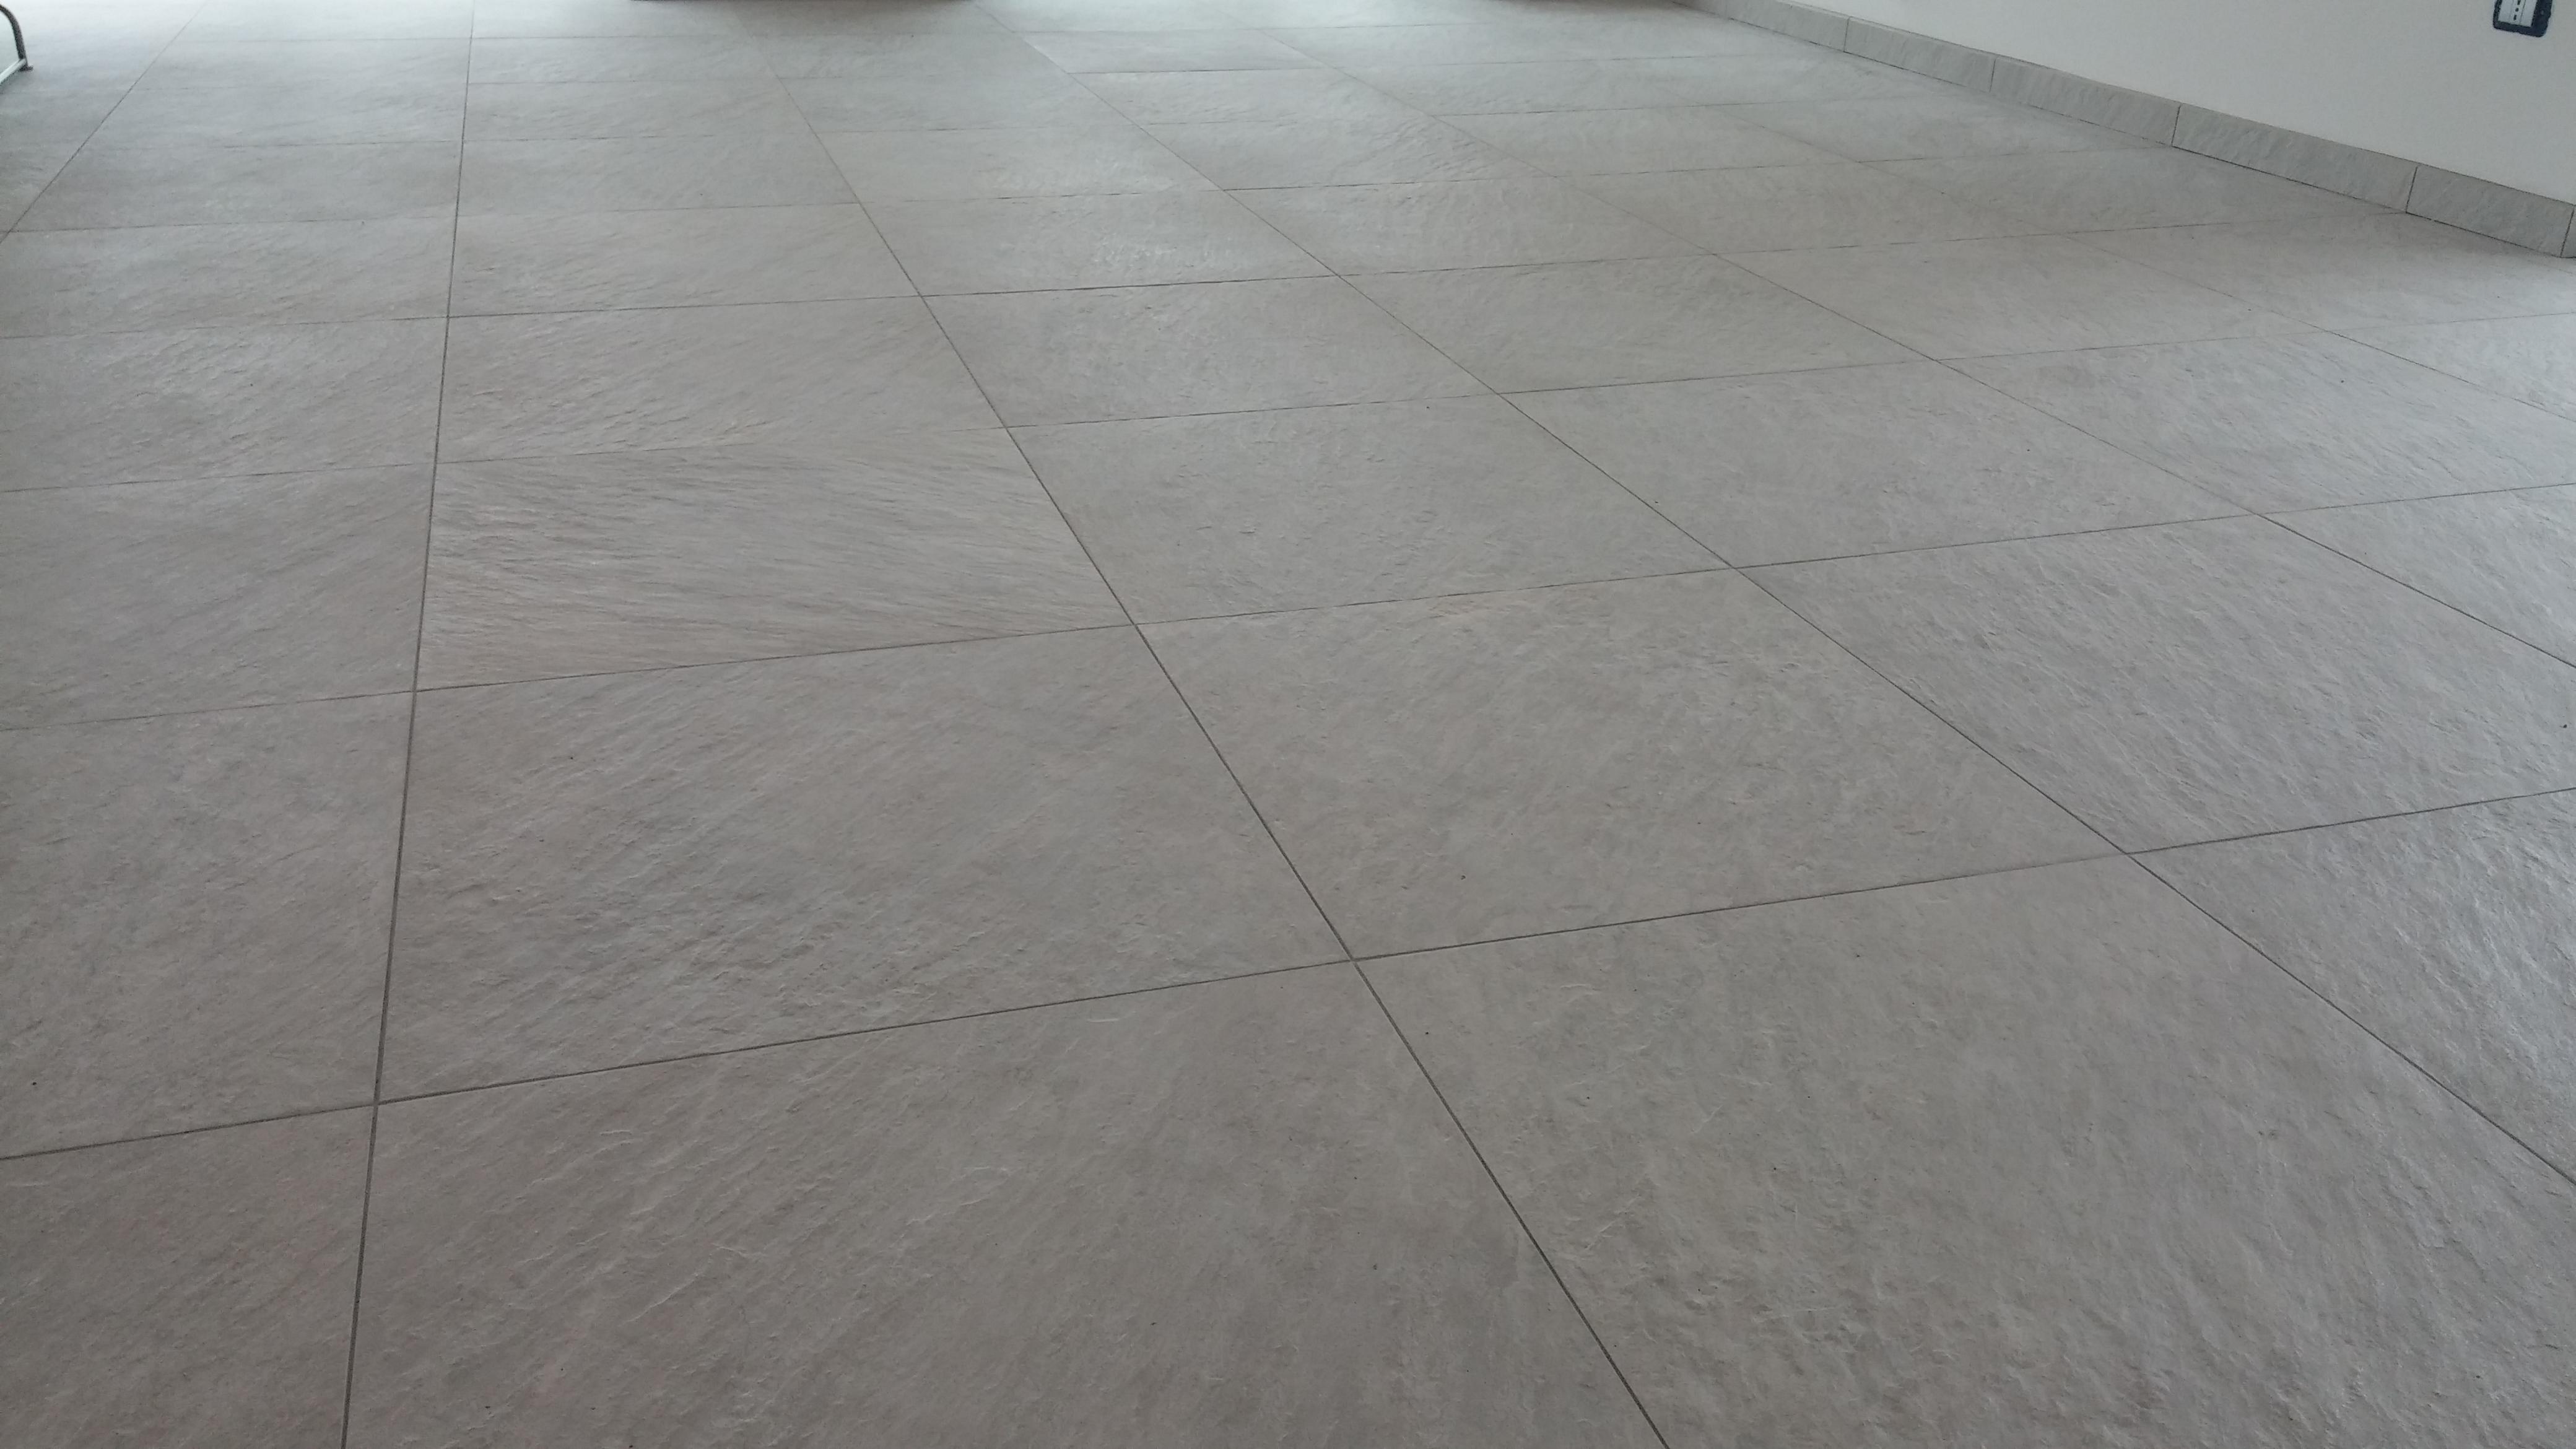 Pavimenti amazing pavimenti in pvc with pavimenti fabulous prefinito rovere posato ad - Pavimenti in cemento per interni pro e contro ...